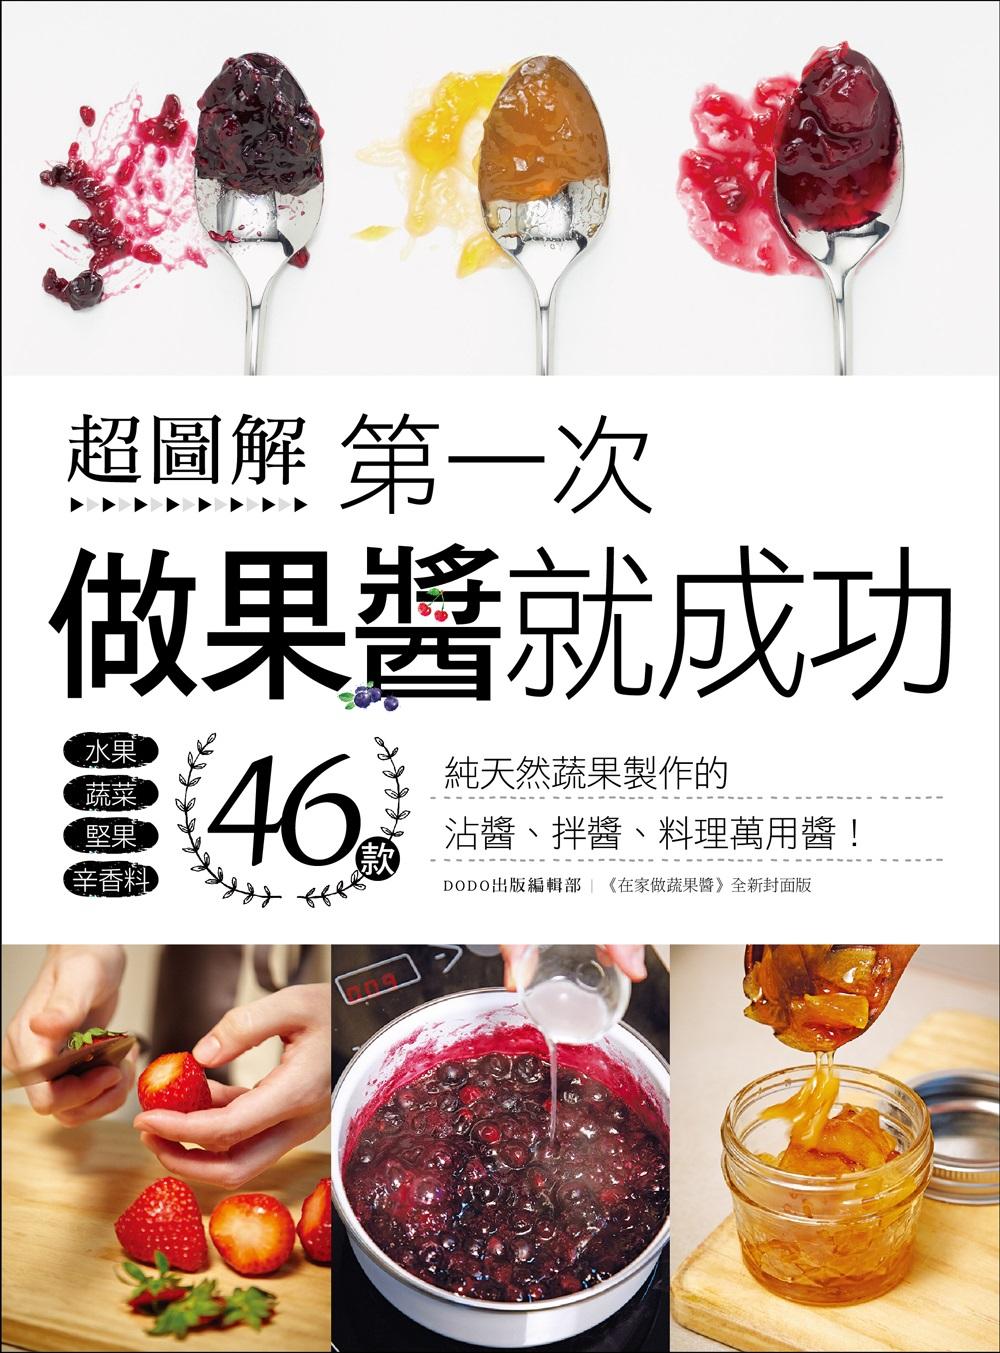 超圖解!第一次做果醬就成功:46款純天然蔬果製作的沾醬、拌醬、料理萬用醬